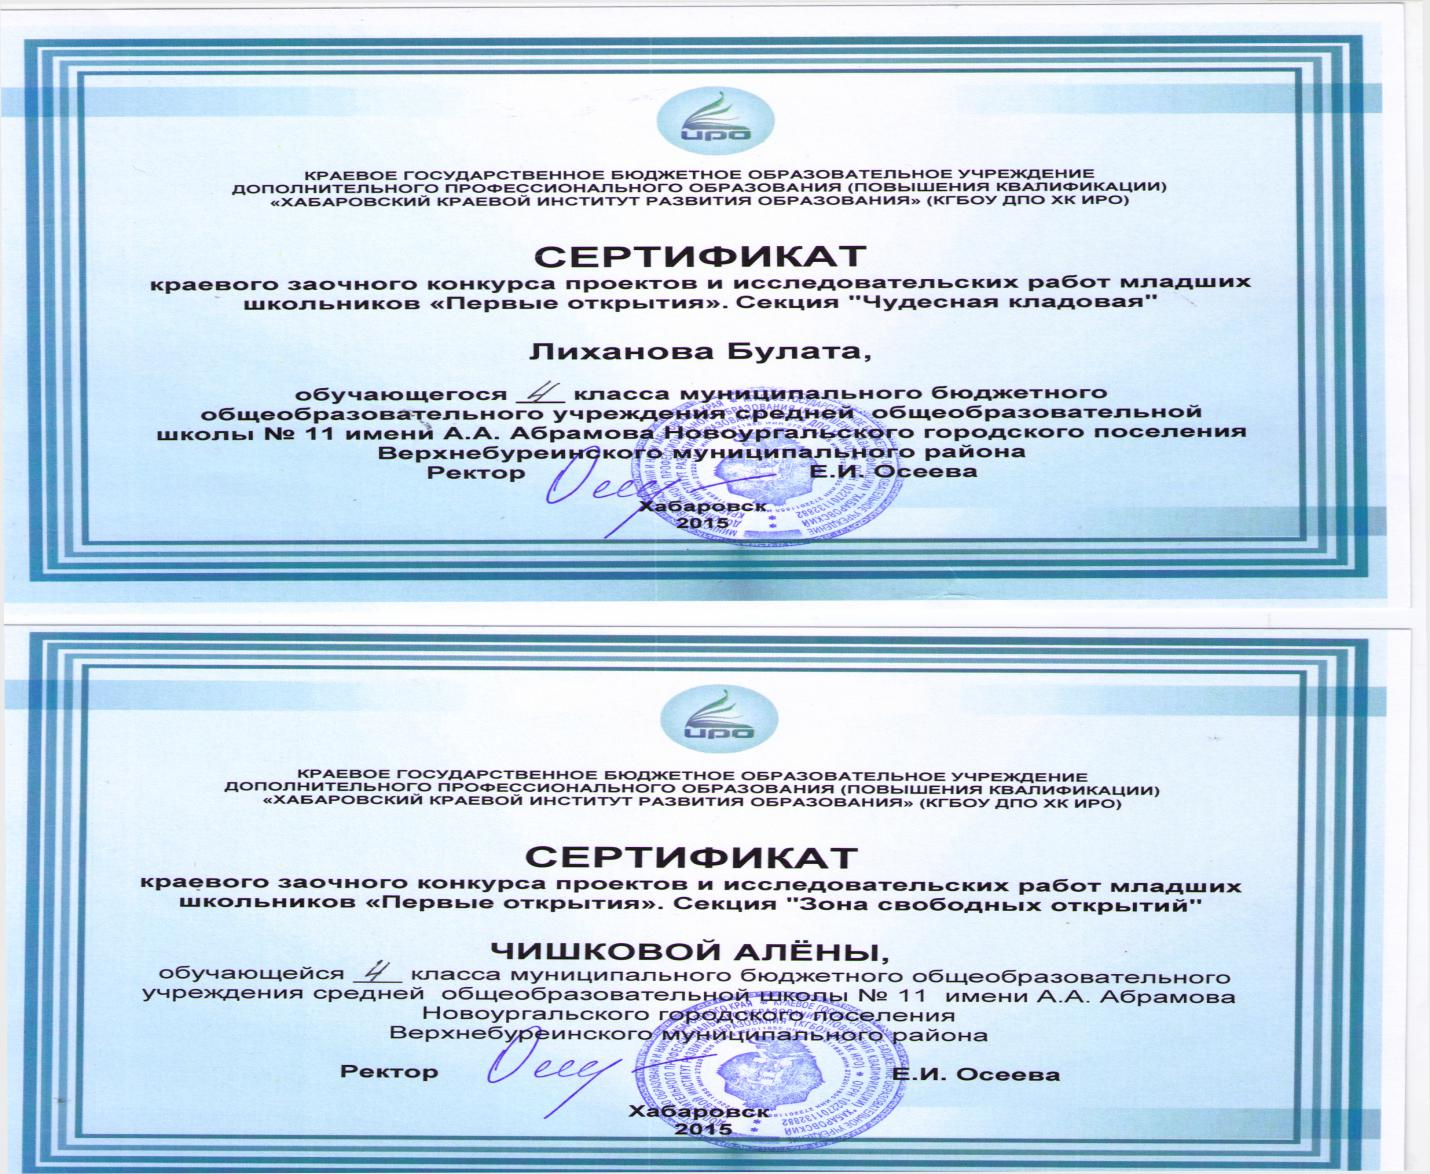 D:\Мои документы\Рабочий стол\НАПЕЧАТАТЬ\сертификат.tif